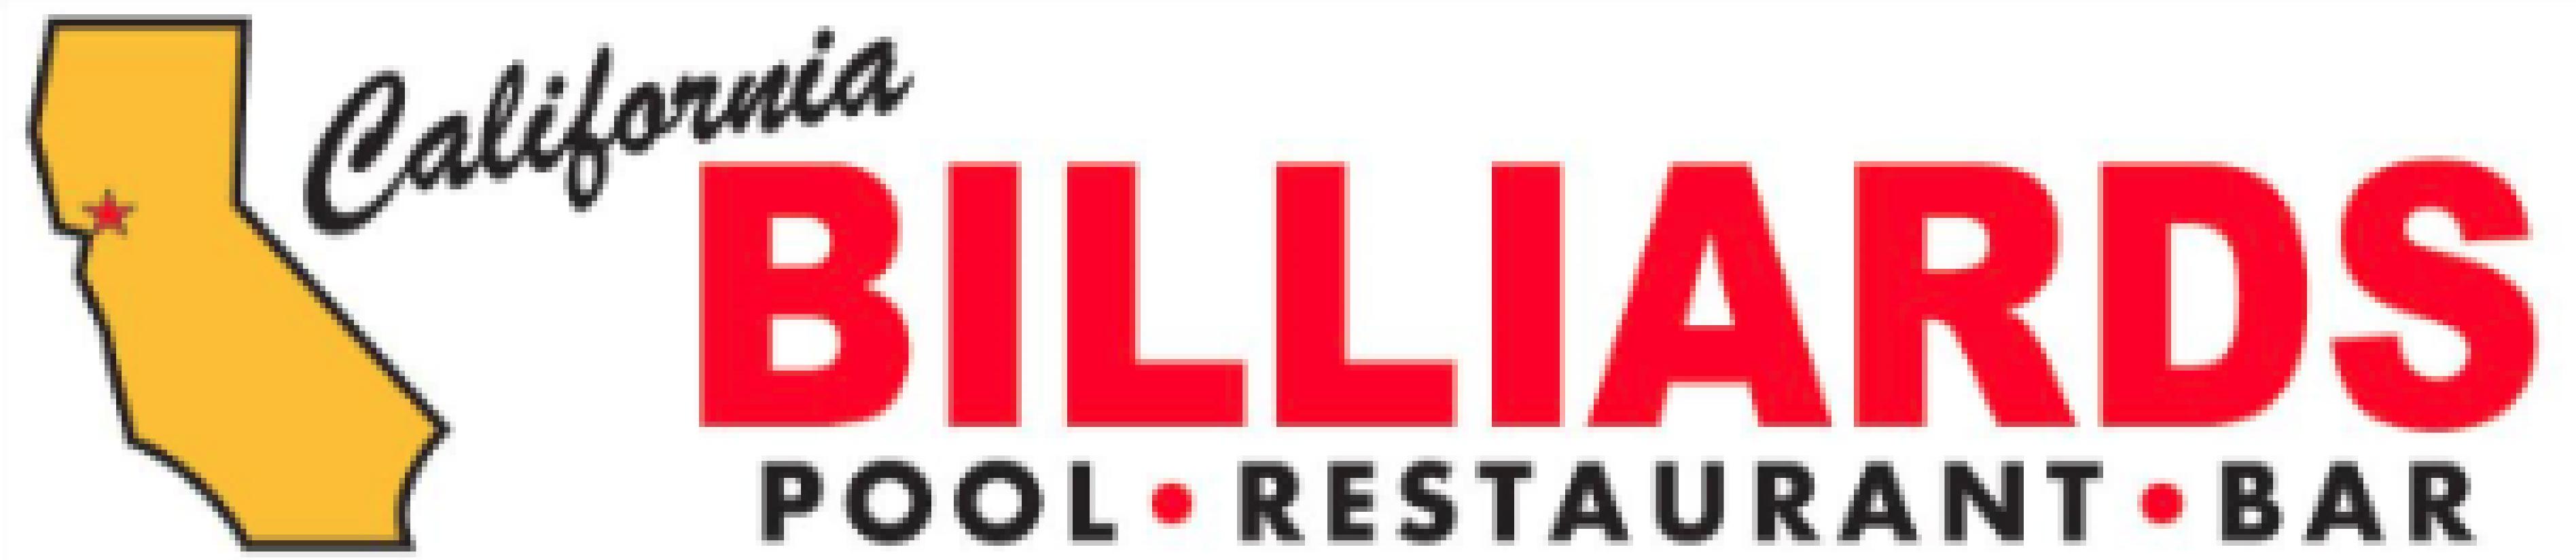 CA Billiards bnr logo3